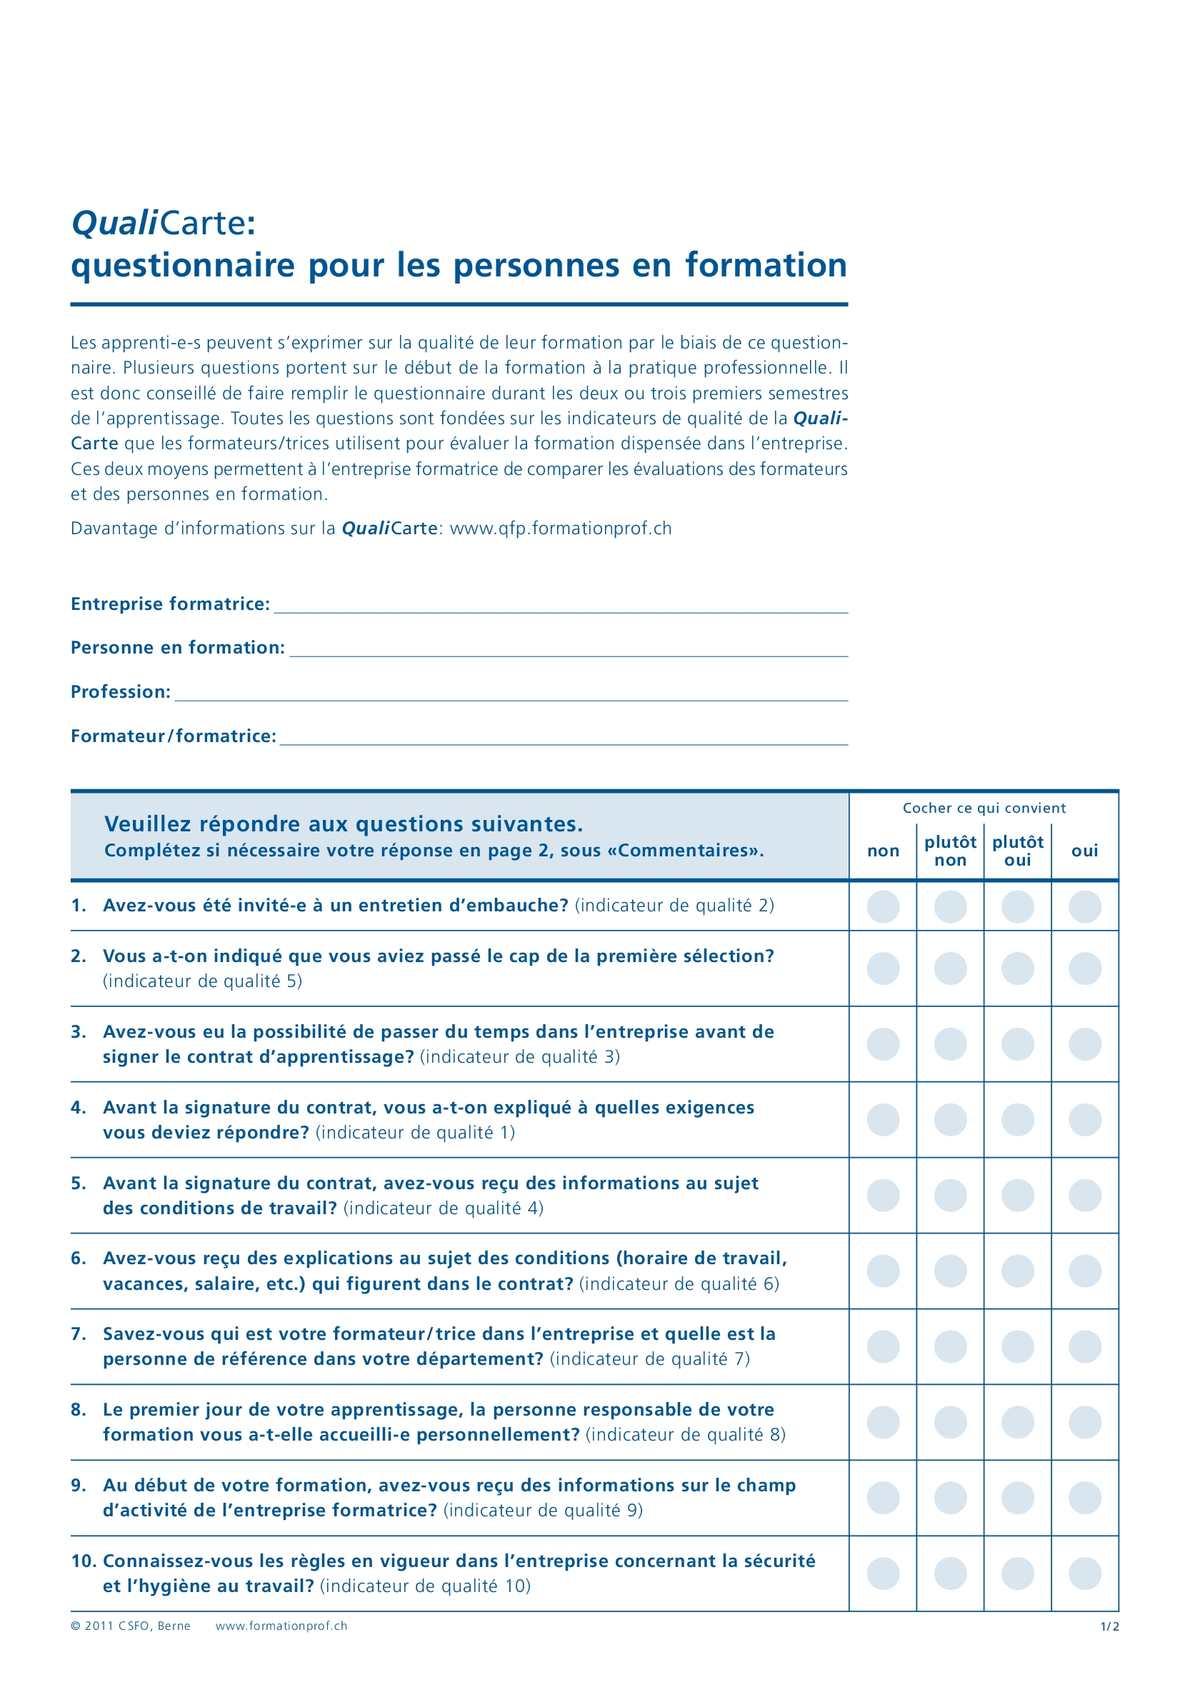 Calaméo - Questionnaire QualiCarte pour les personnes en ...